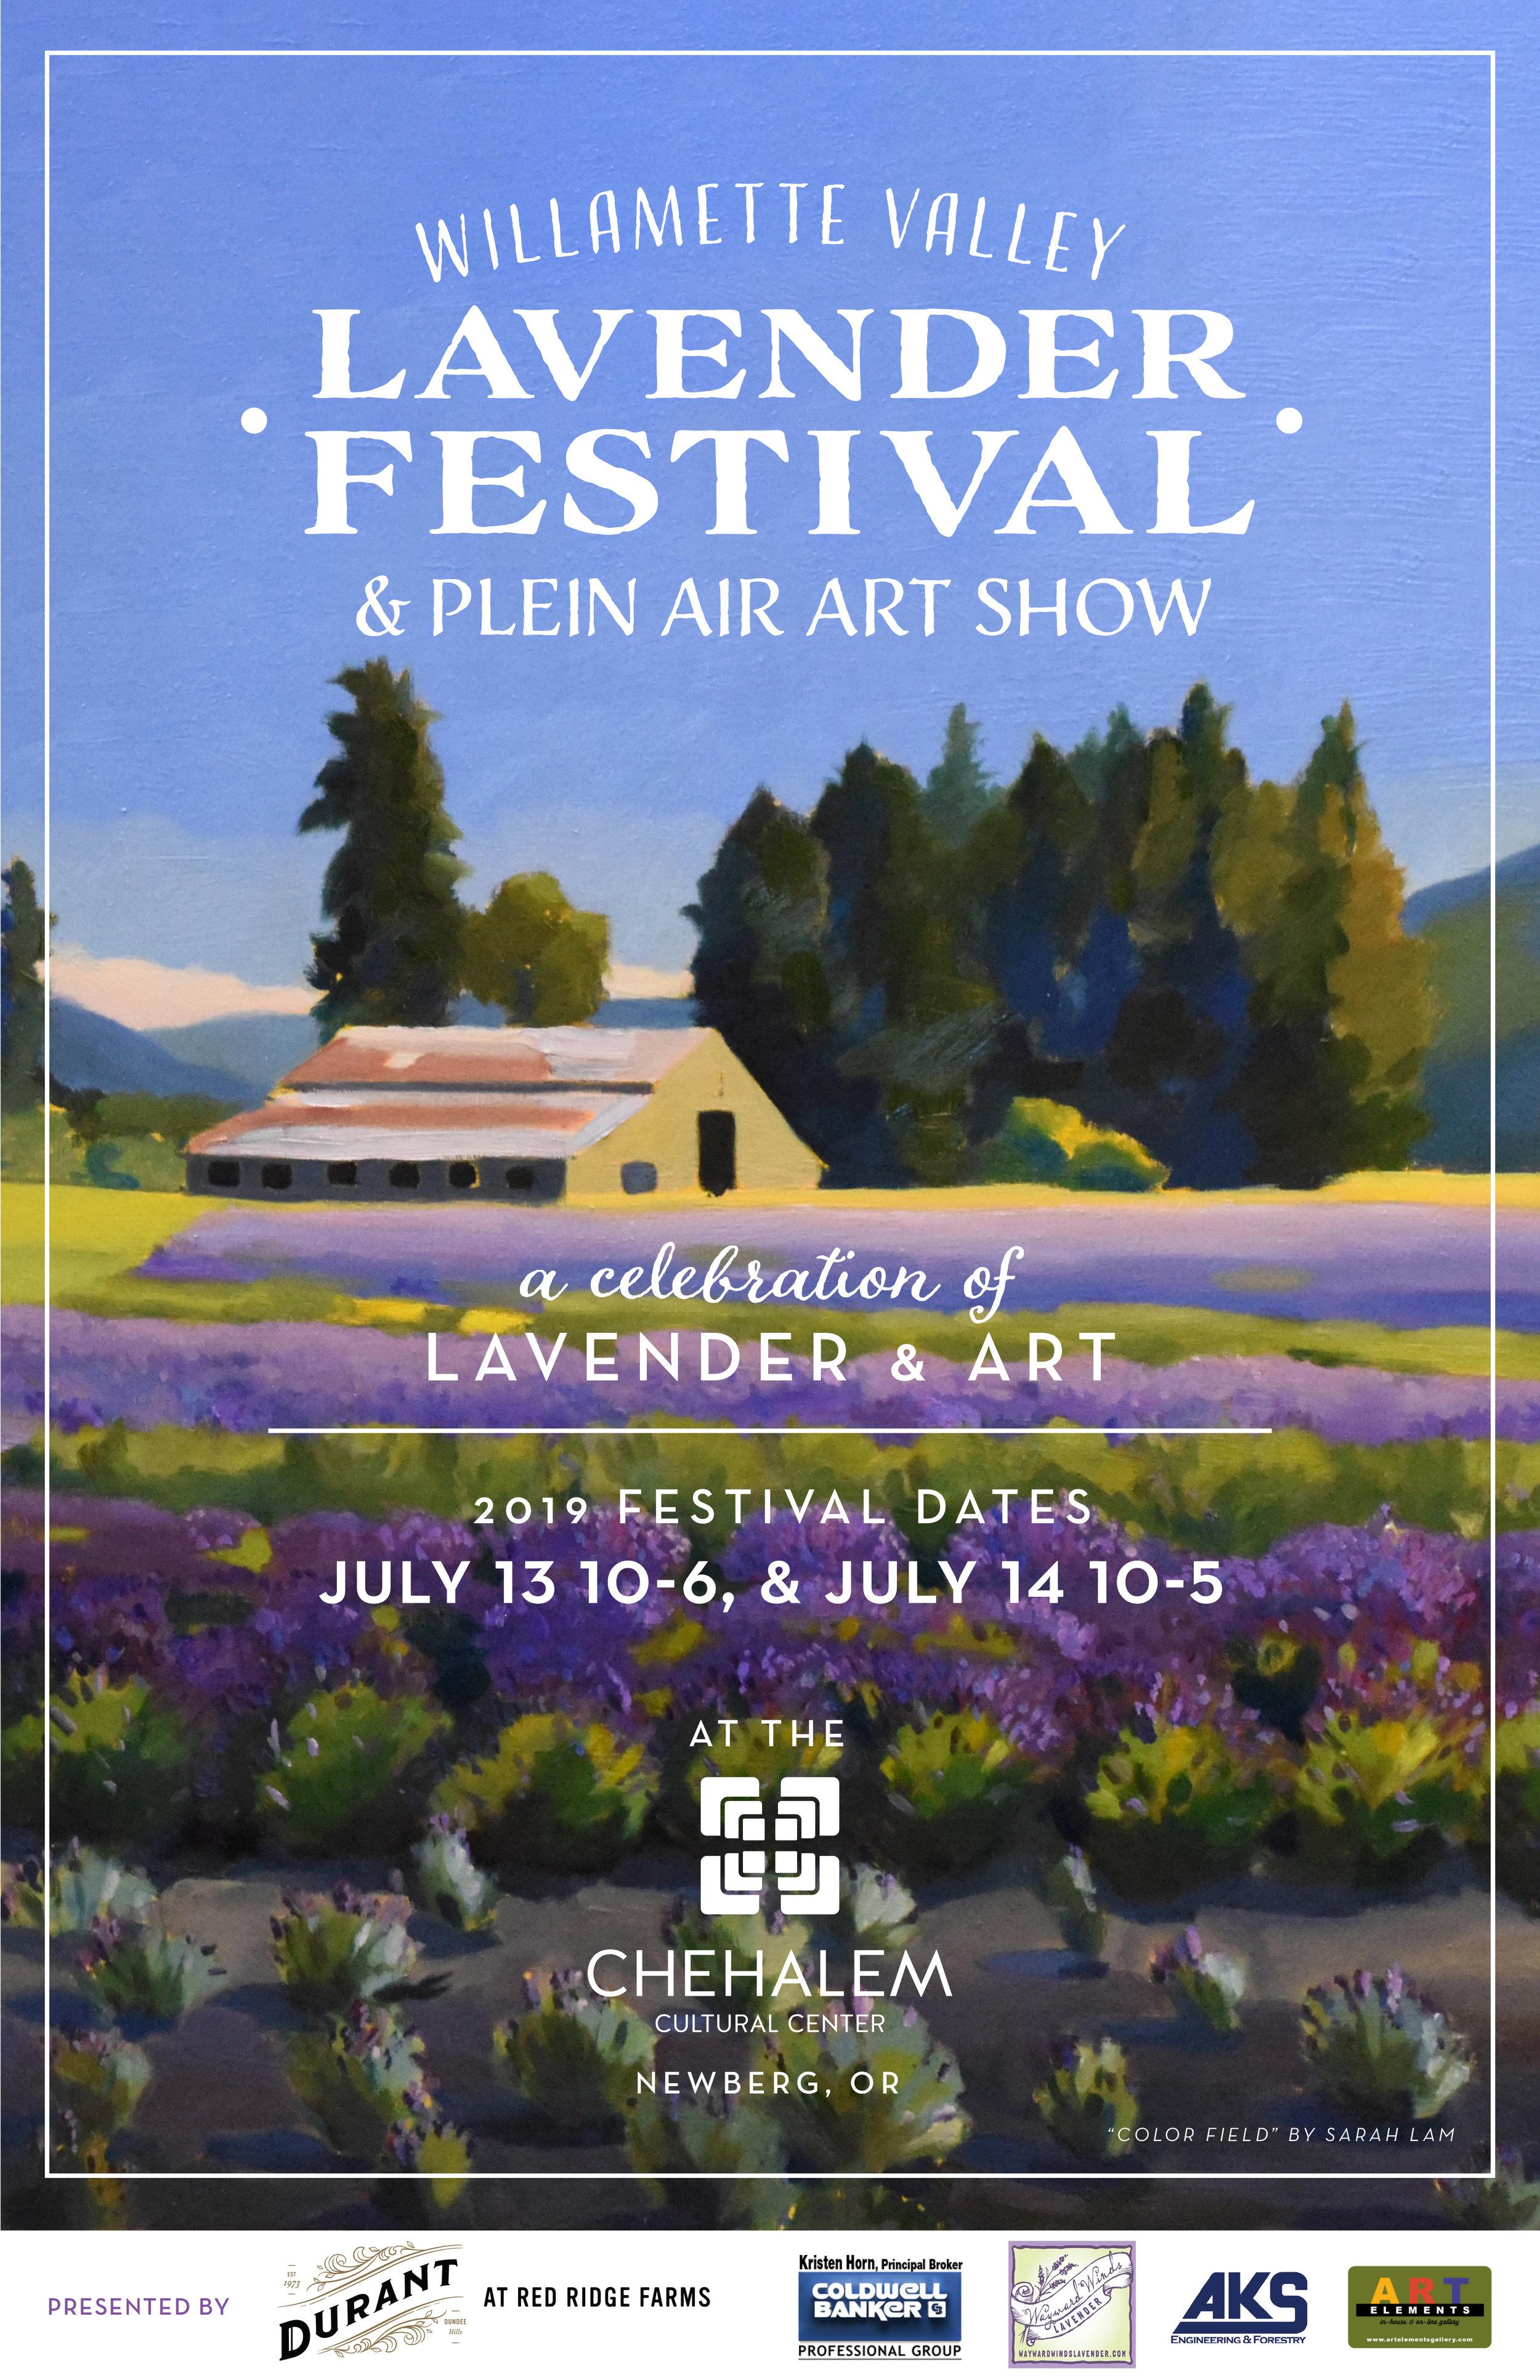 Lav_Fest_Poster_19_V2.jpg